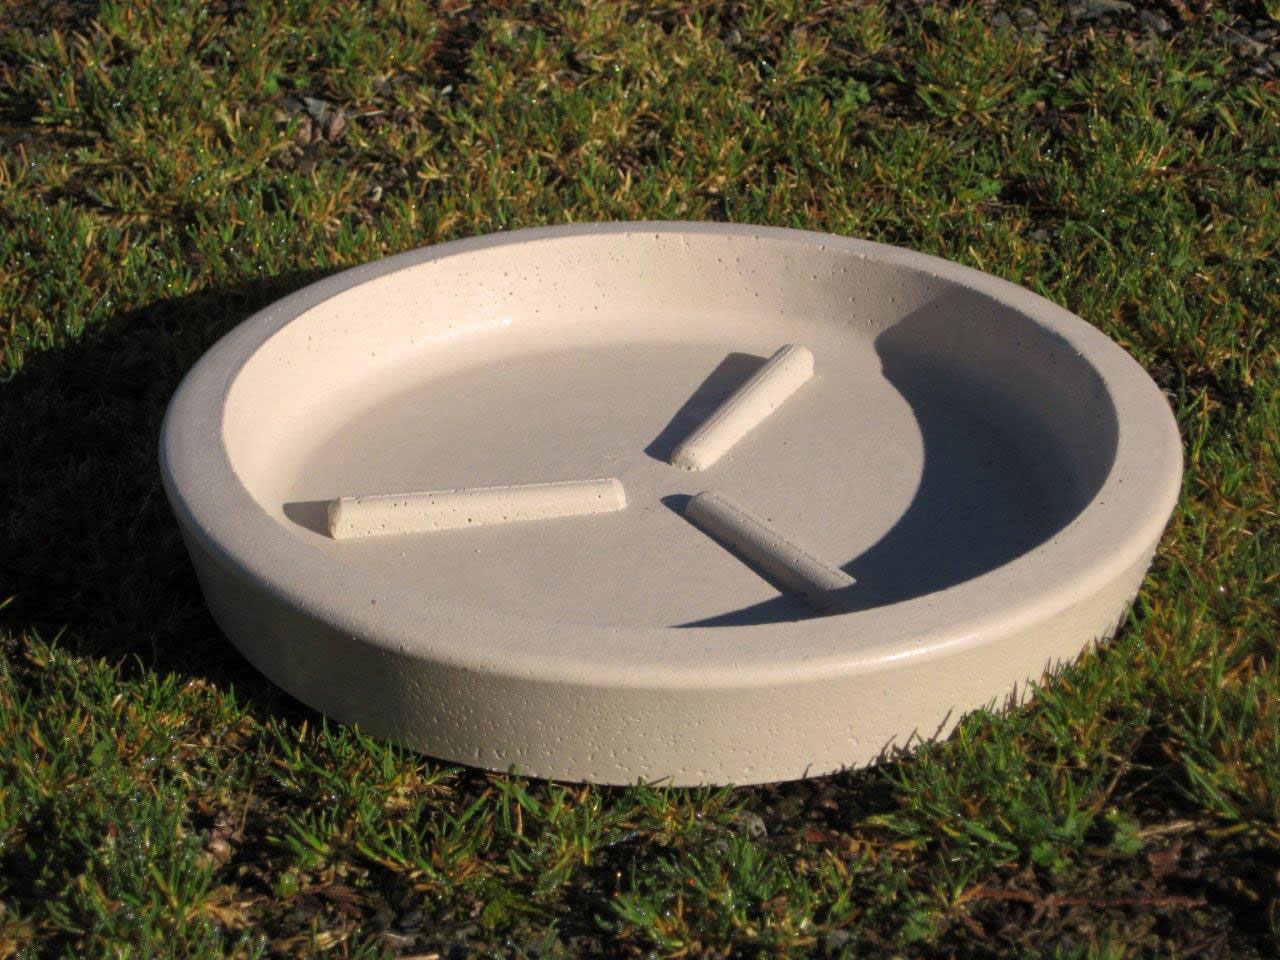 Terracotta Pot Saucer